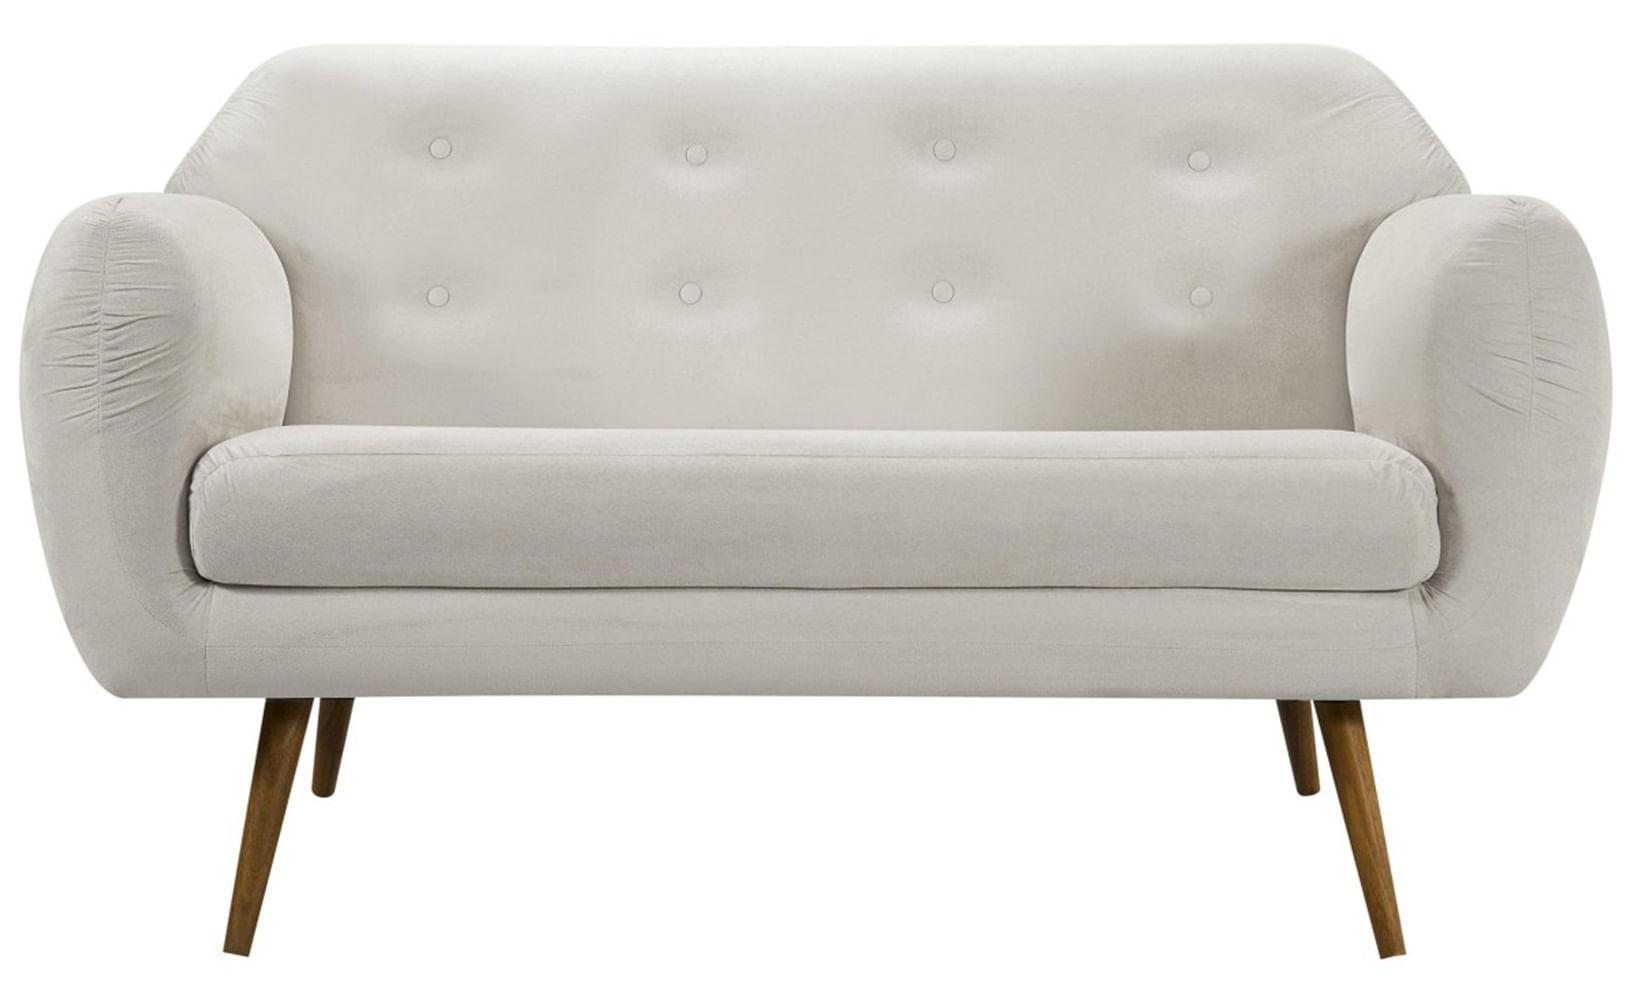 Sofa Liverpool Branco Base Palito Castanho 2 Lugares - 50255